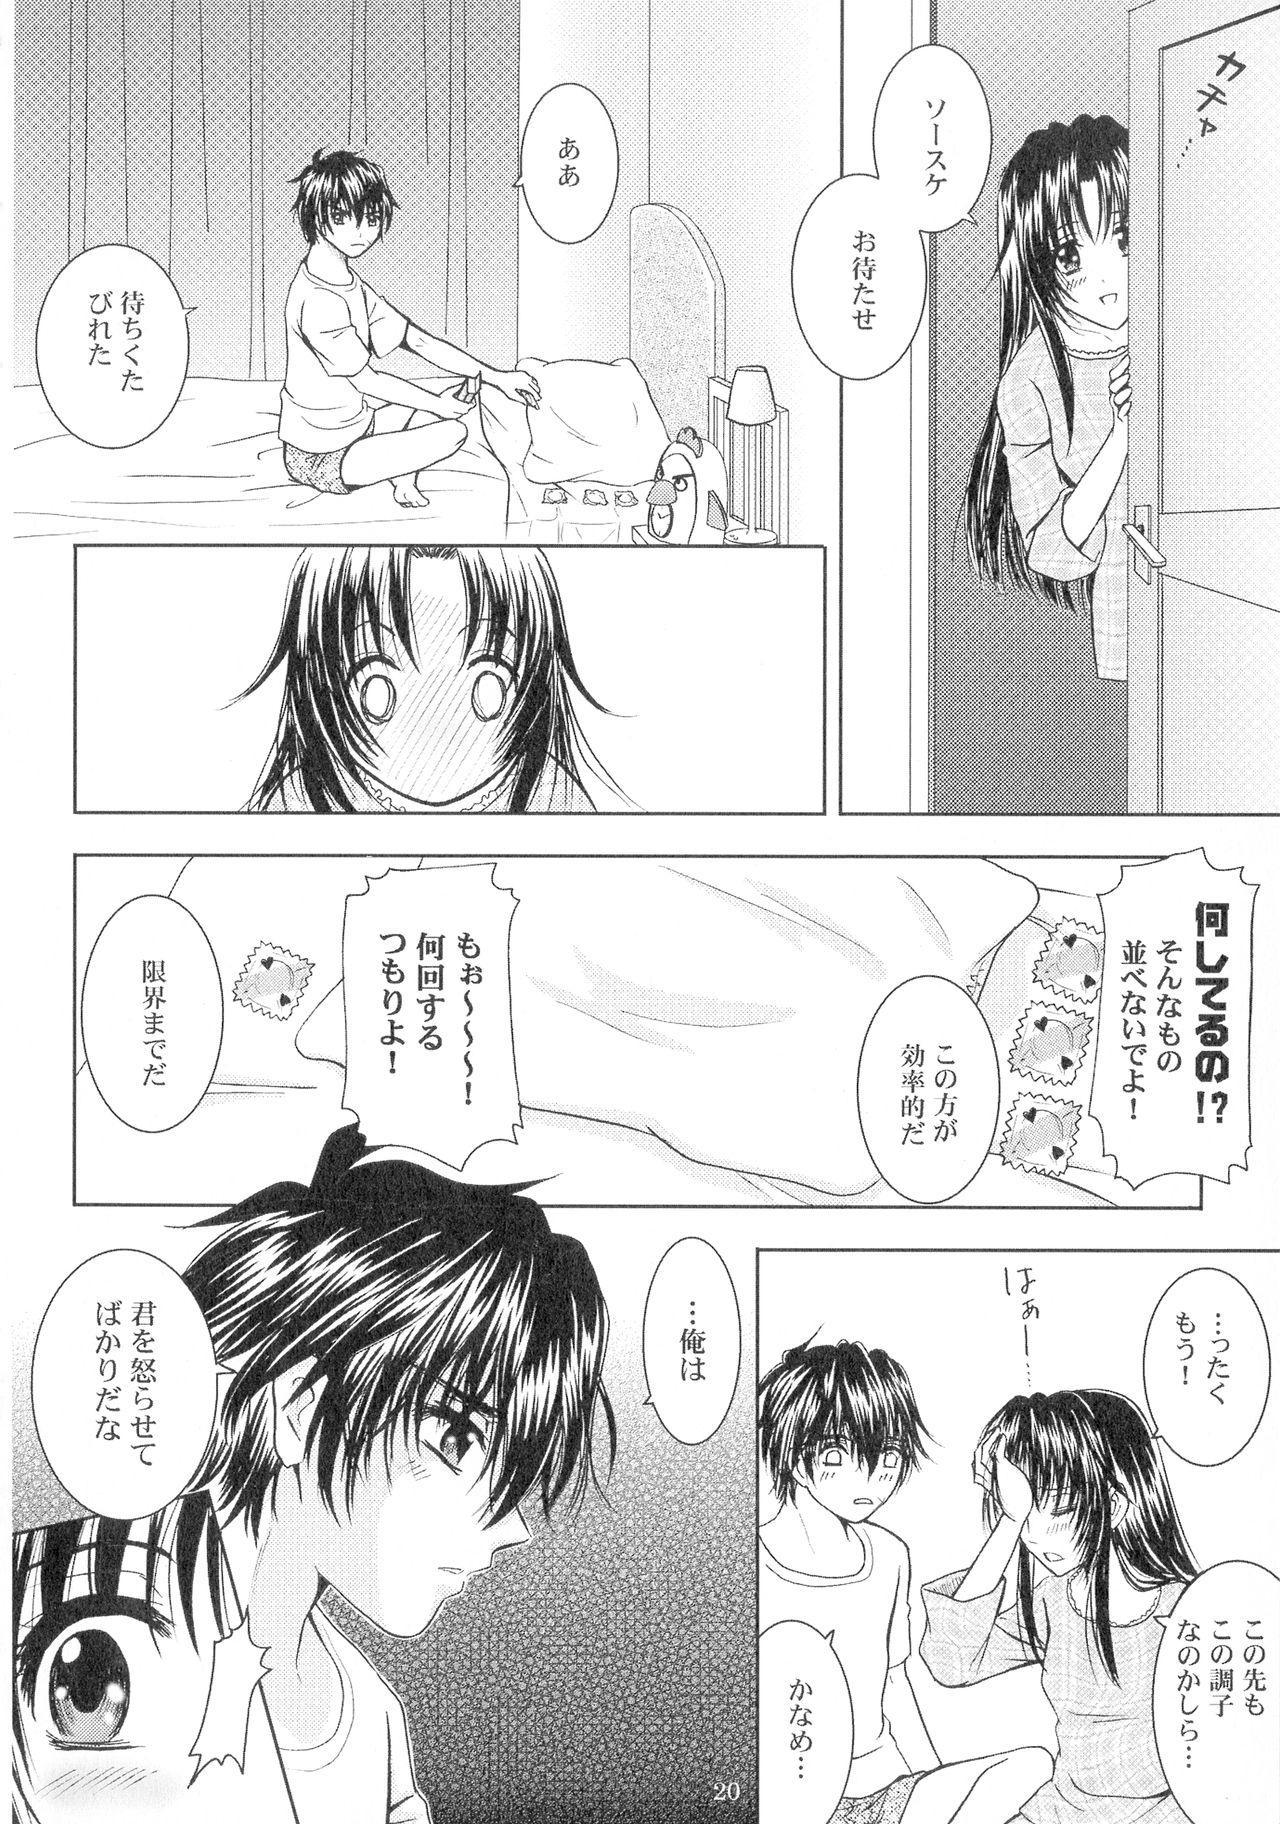 SEXY PANIC Sairoku-shuu VOL.3 19